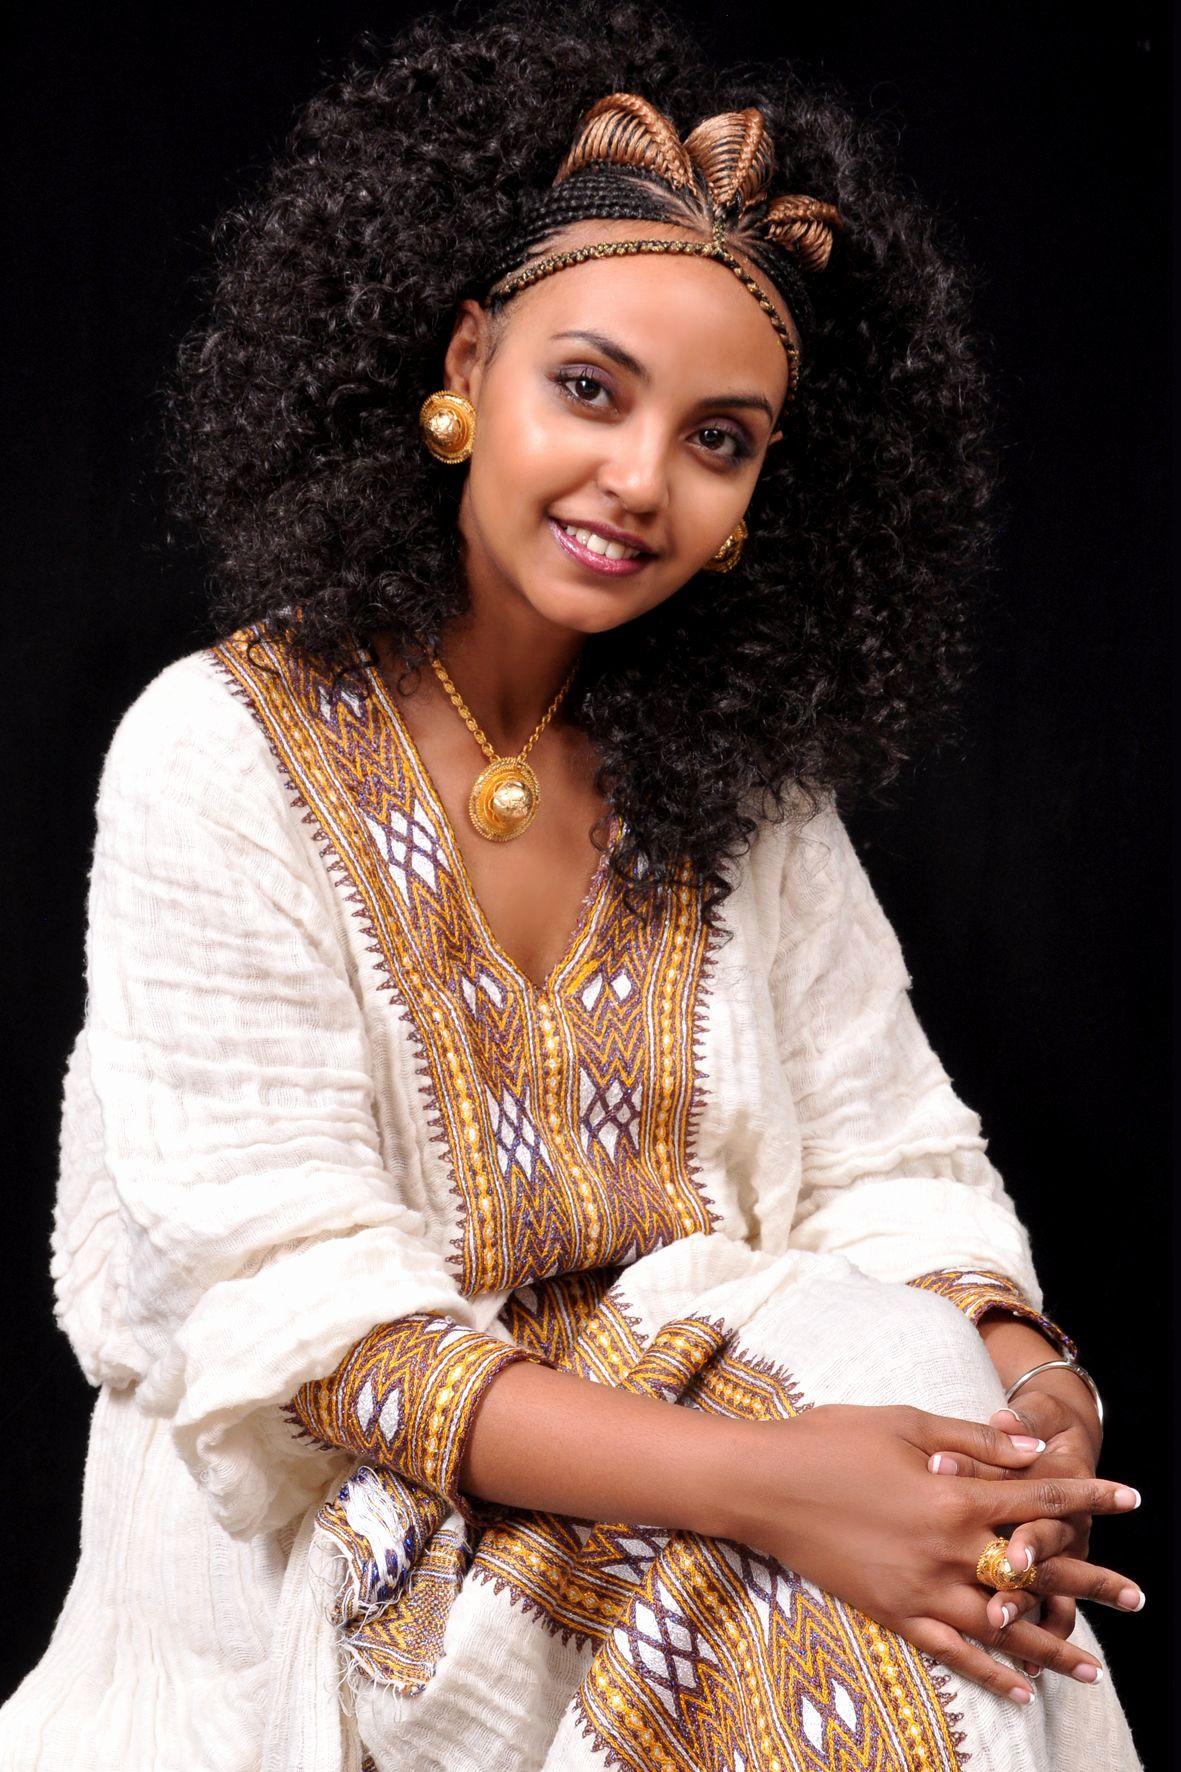 Ethiopian Wedding Hairstyle Ethiopian Wedding Hairstyle Magnificent Wedding Hairstyles Top Ethiopian Hair Ethiopian Clothing Ethiopian Women